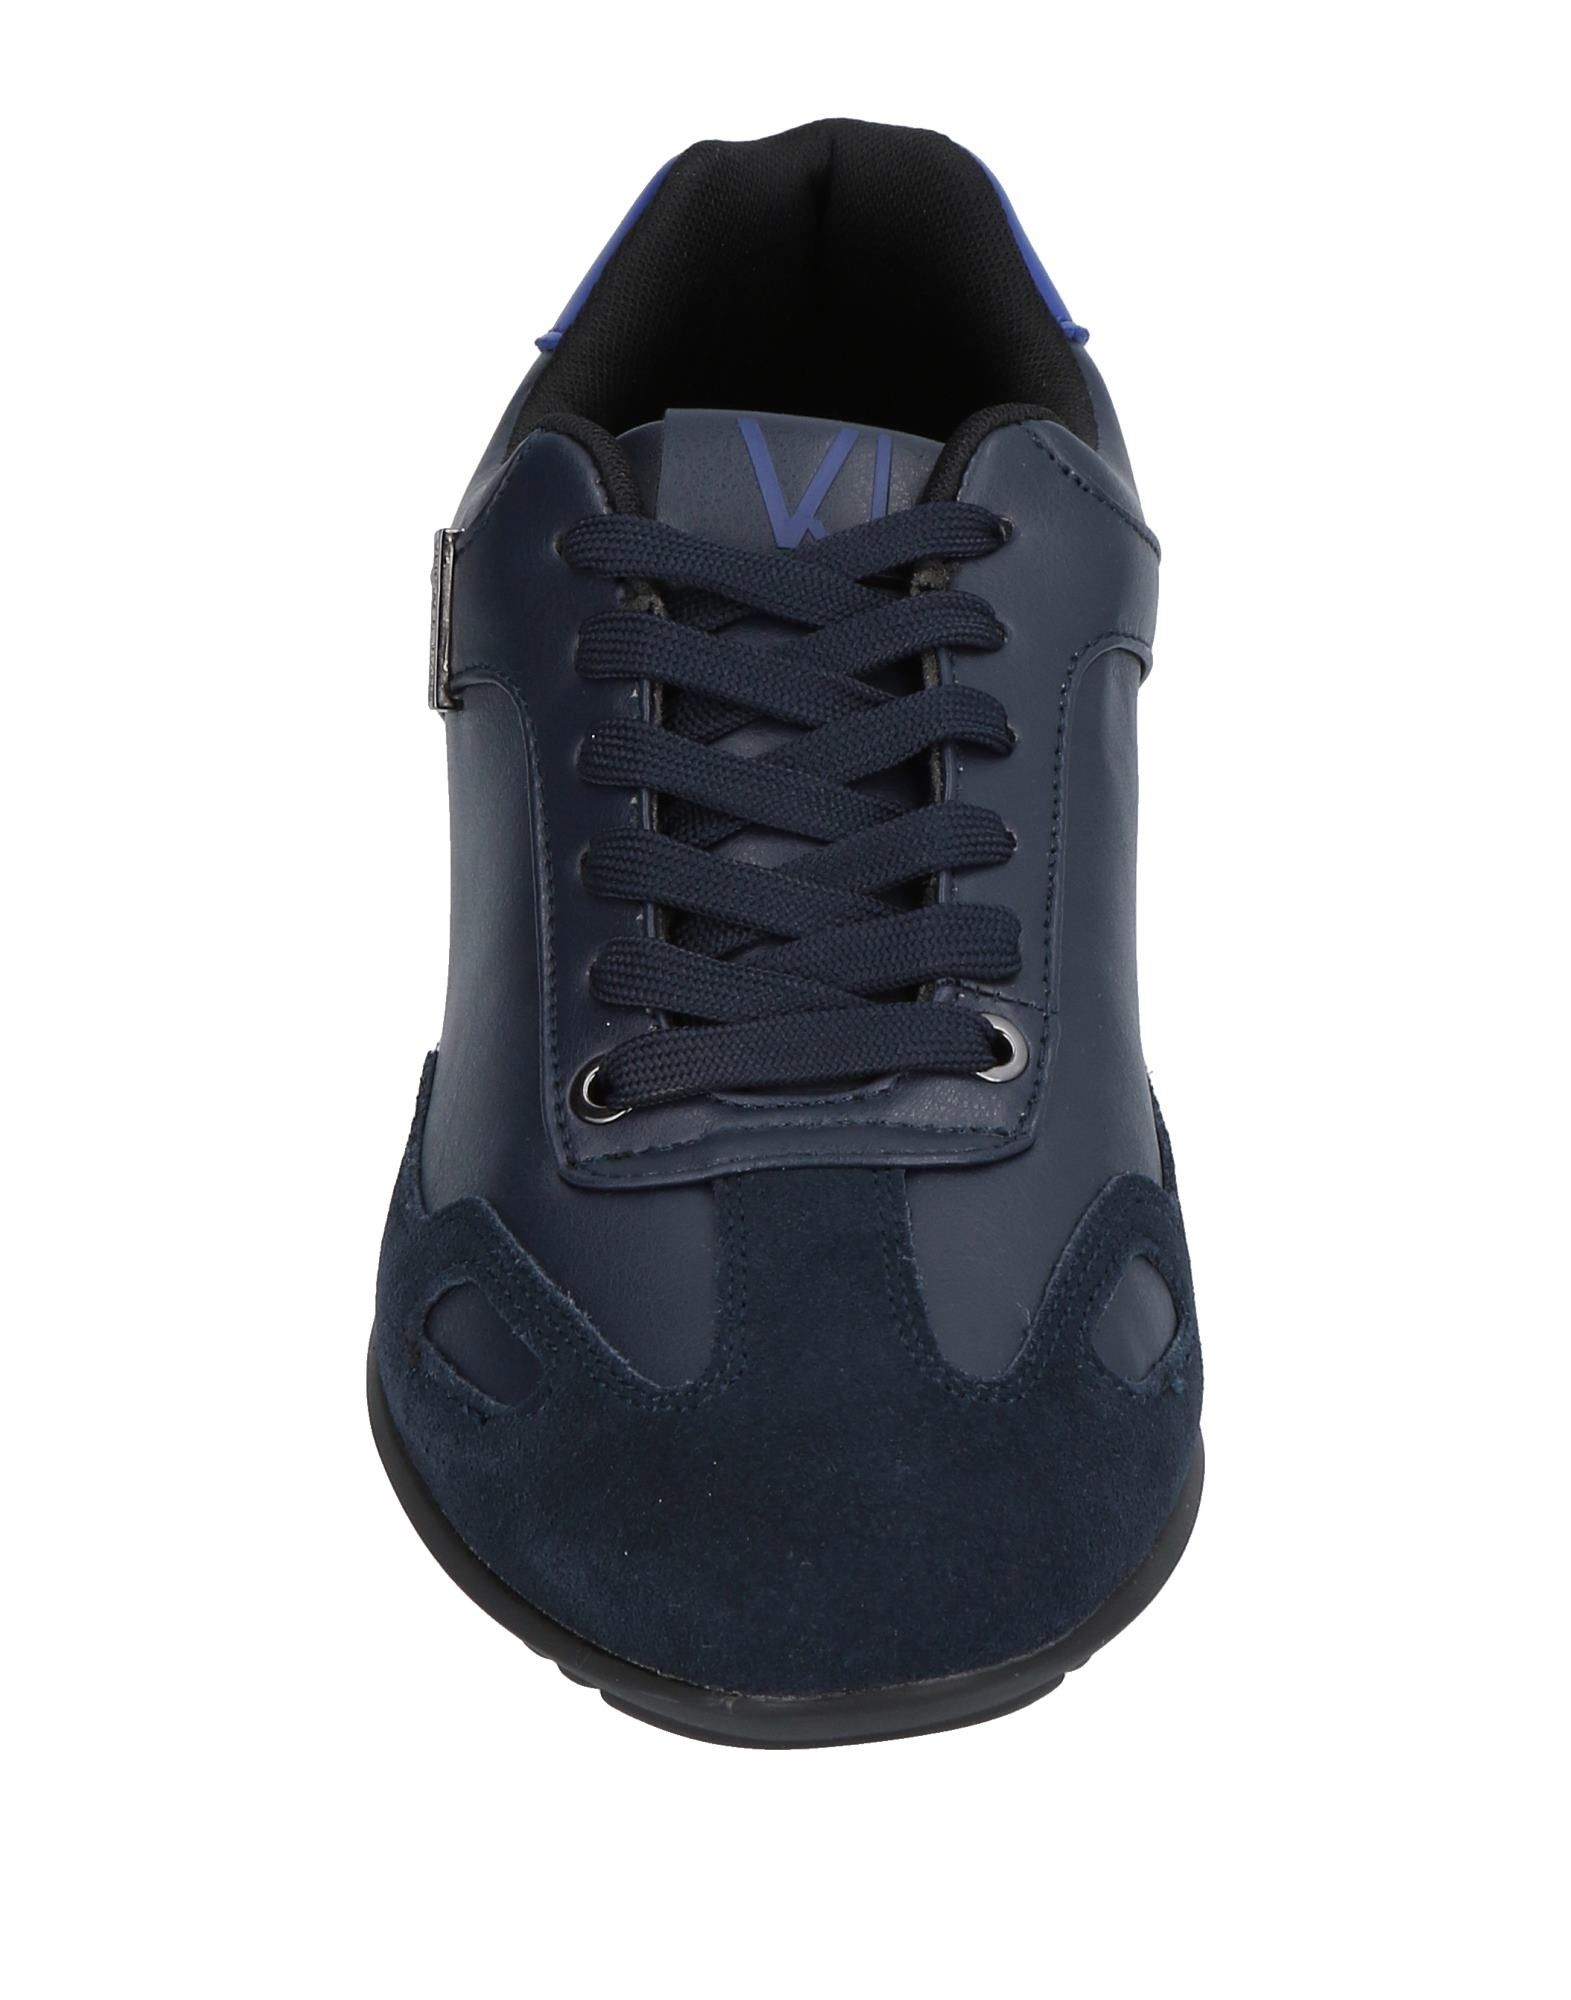 Rabatt echte Schuhe Versace Sneakers Jeans Sneakers Versace Herren  11465301UX 4e3a03